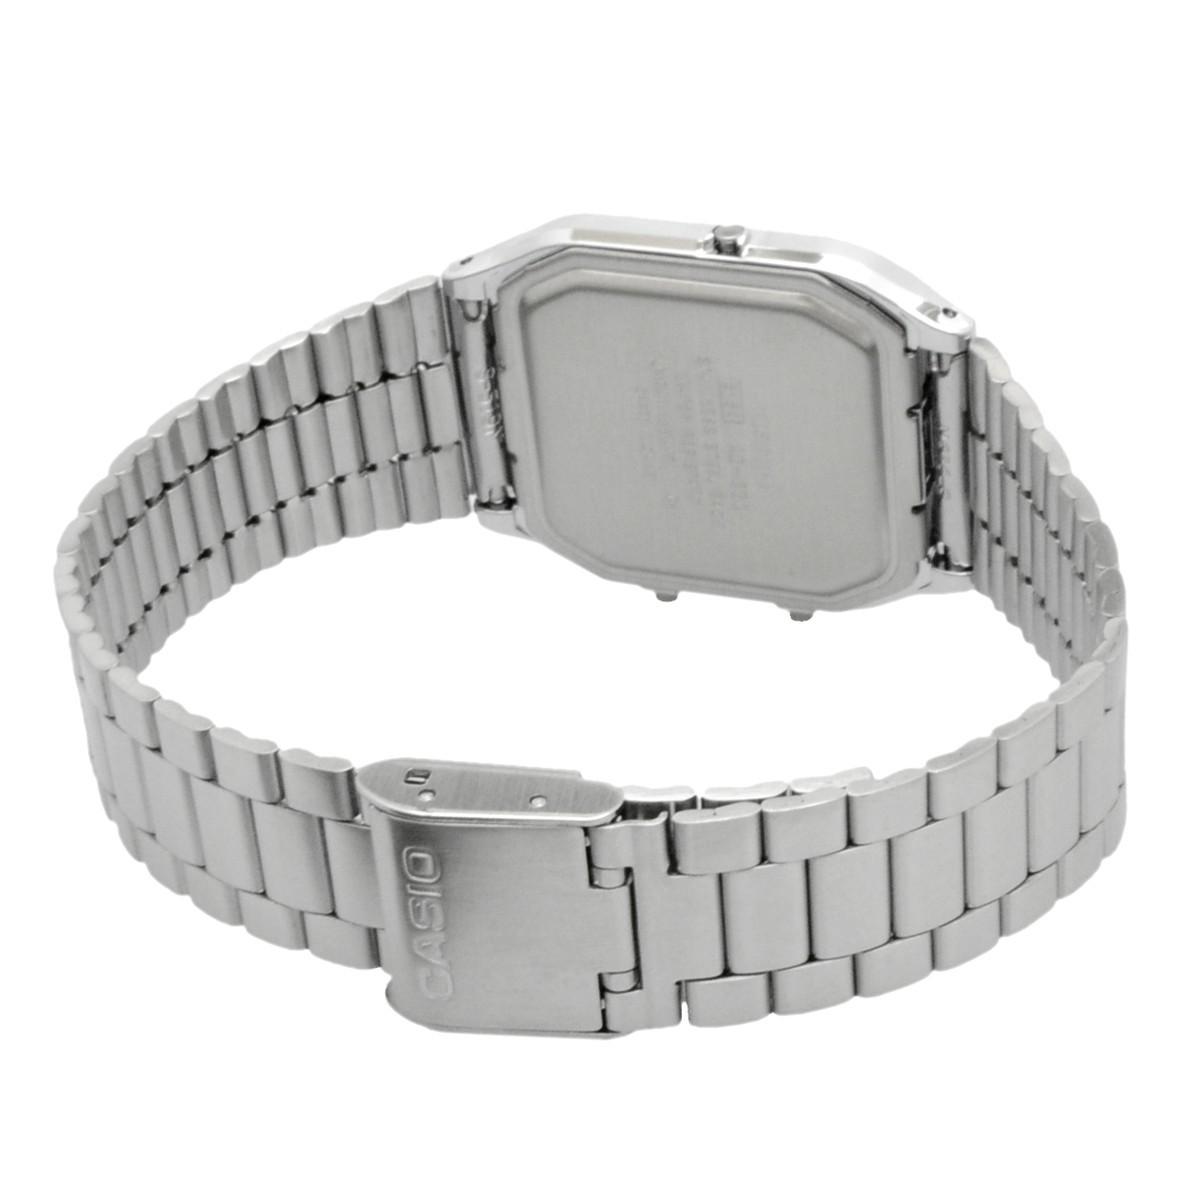 送料無料 腕時計 CASIO カシオ 海外モデル AQ-230A-1 チープカシオ デュアルタイム アナログ デジタル ユニセックス_画像3